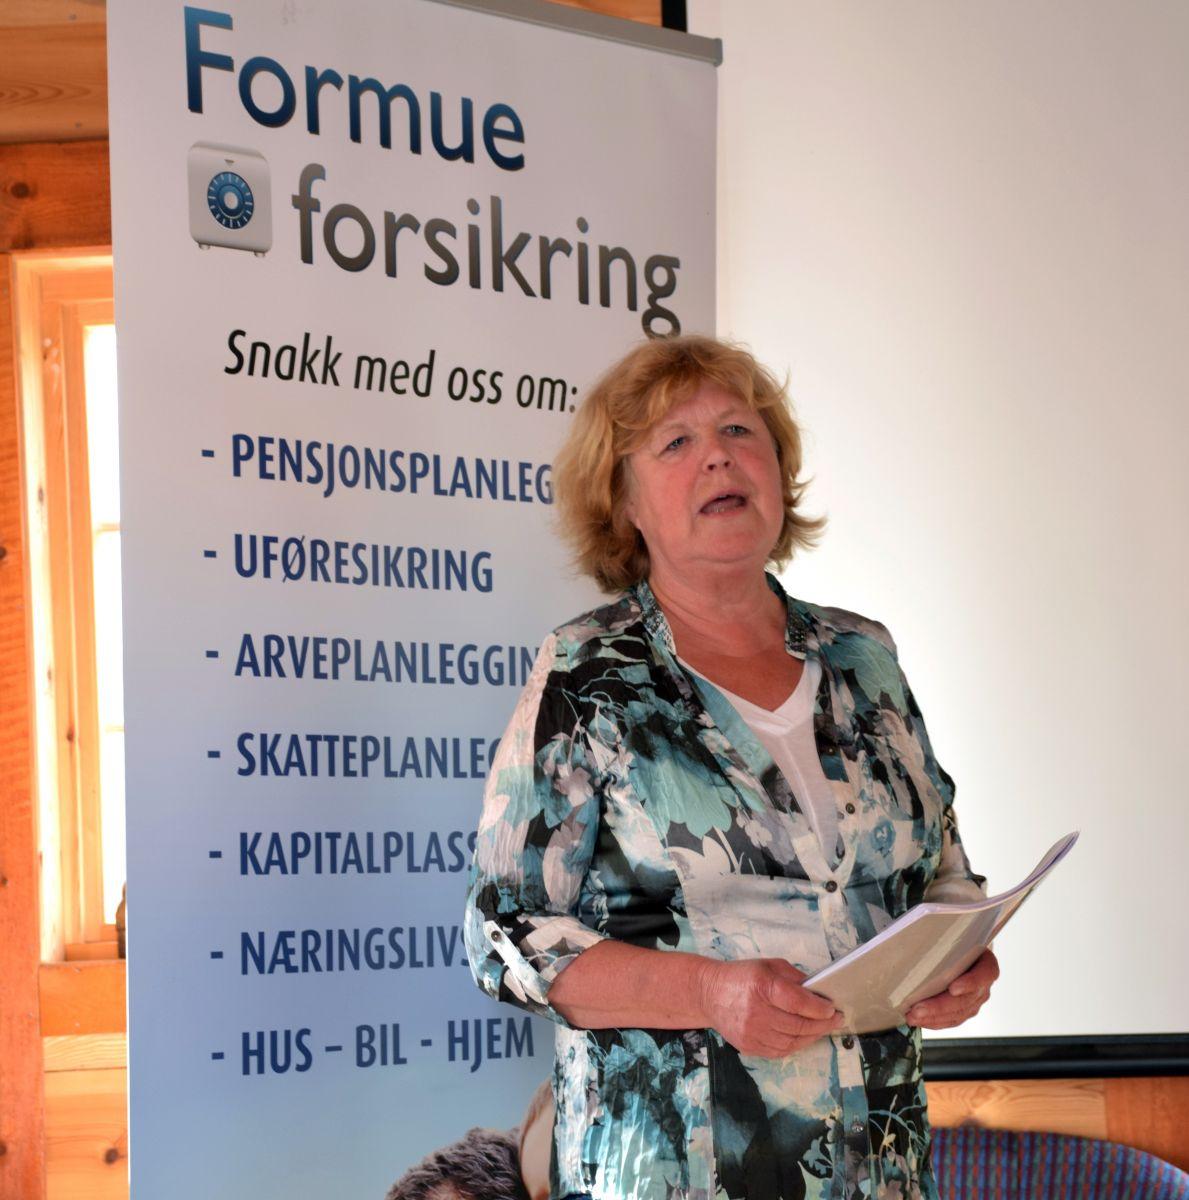 Synnøve styrer verksemda si frå kontoret oppå Nessalofta.  Foto: Jon Olav Ørsal